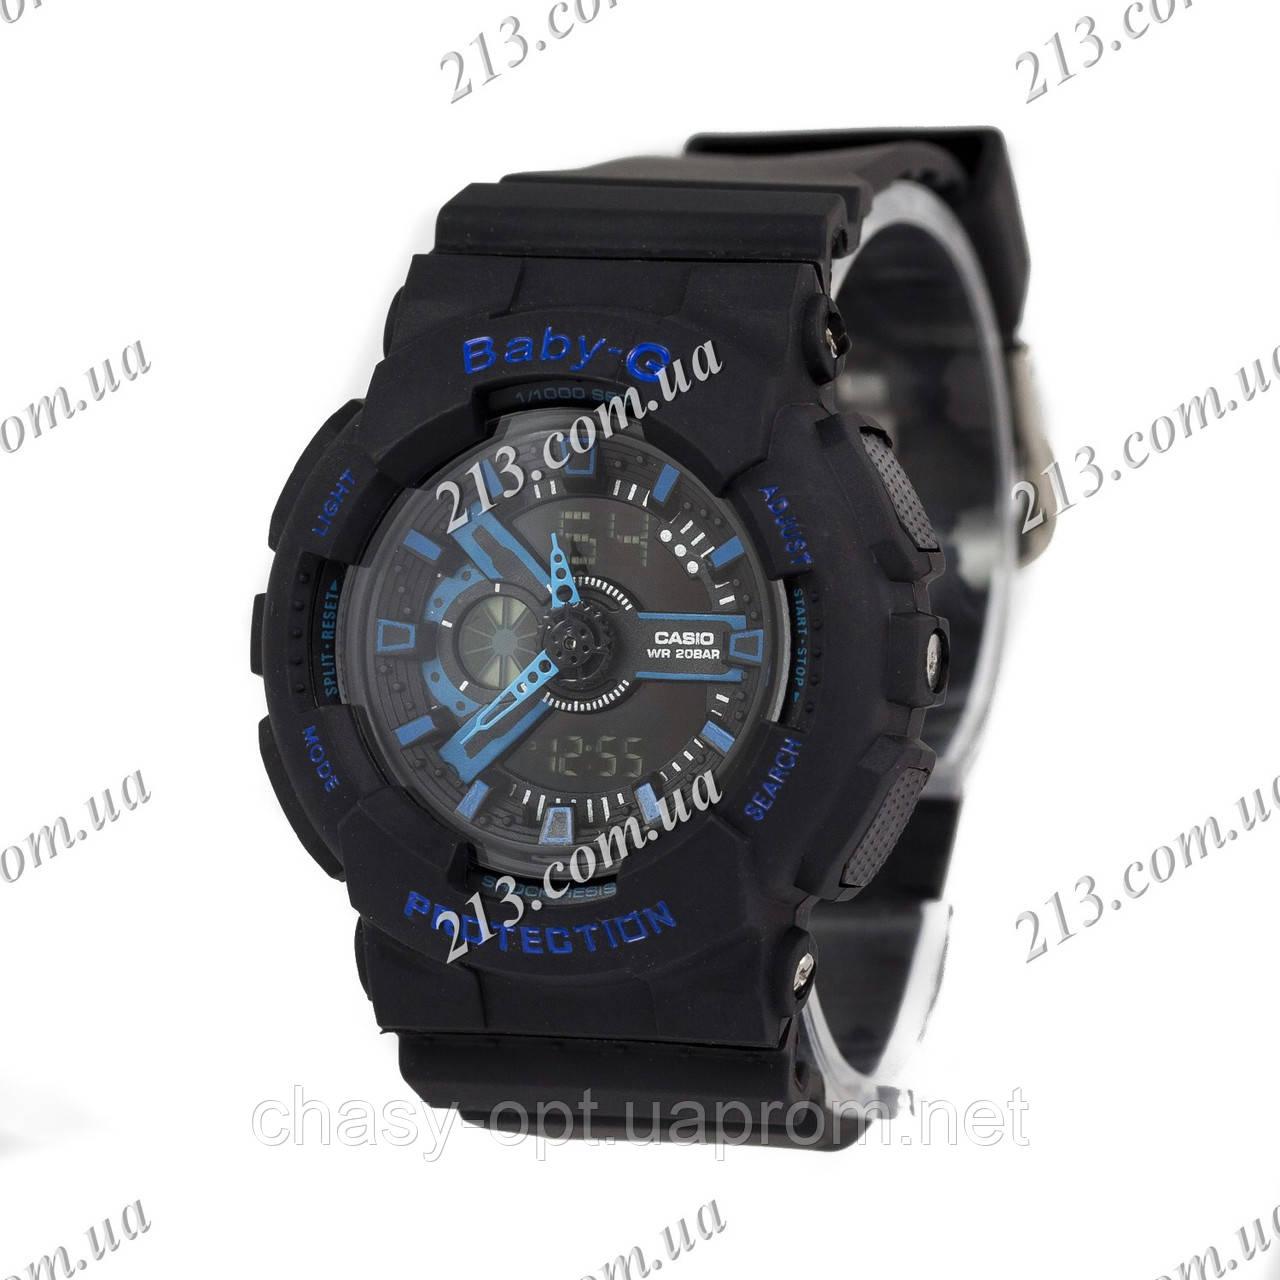 Детские часы Casio Baby-G Black - Интернет-магазин часов 213.com.ua в Киеве